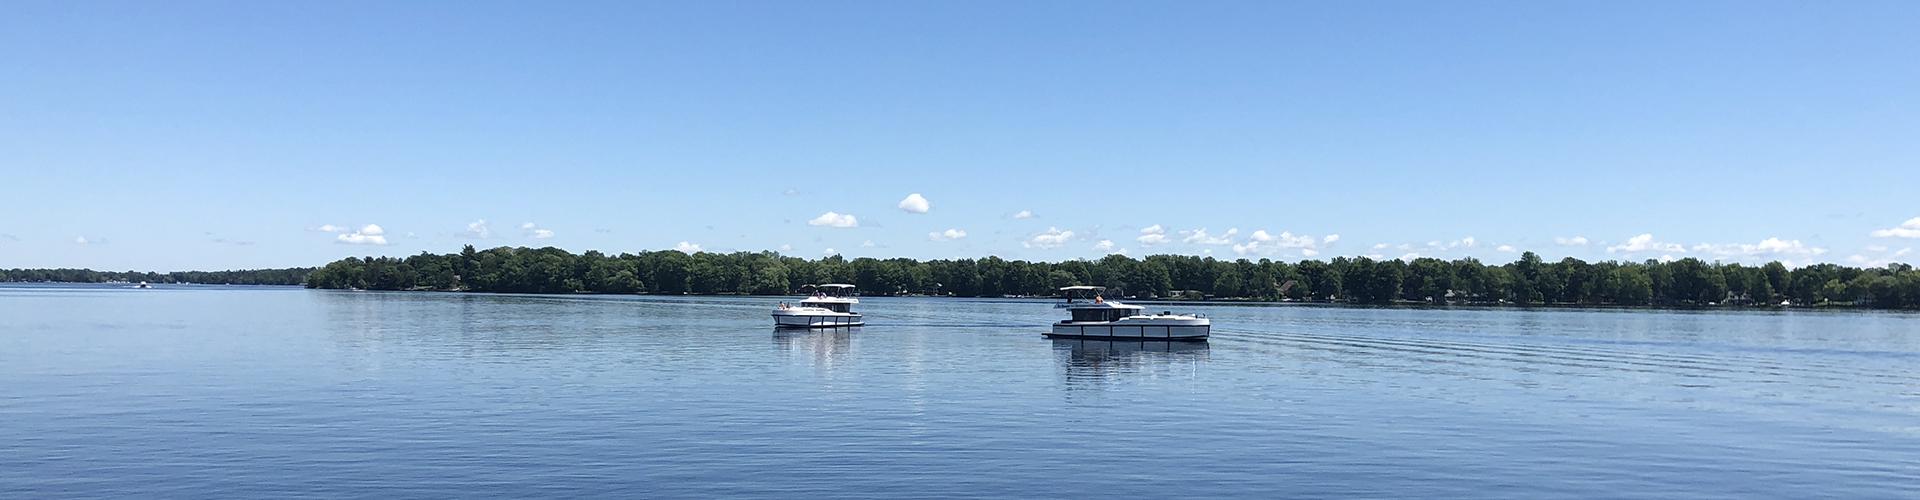 Le Boat Premier fleet